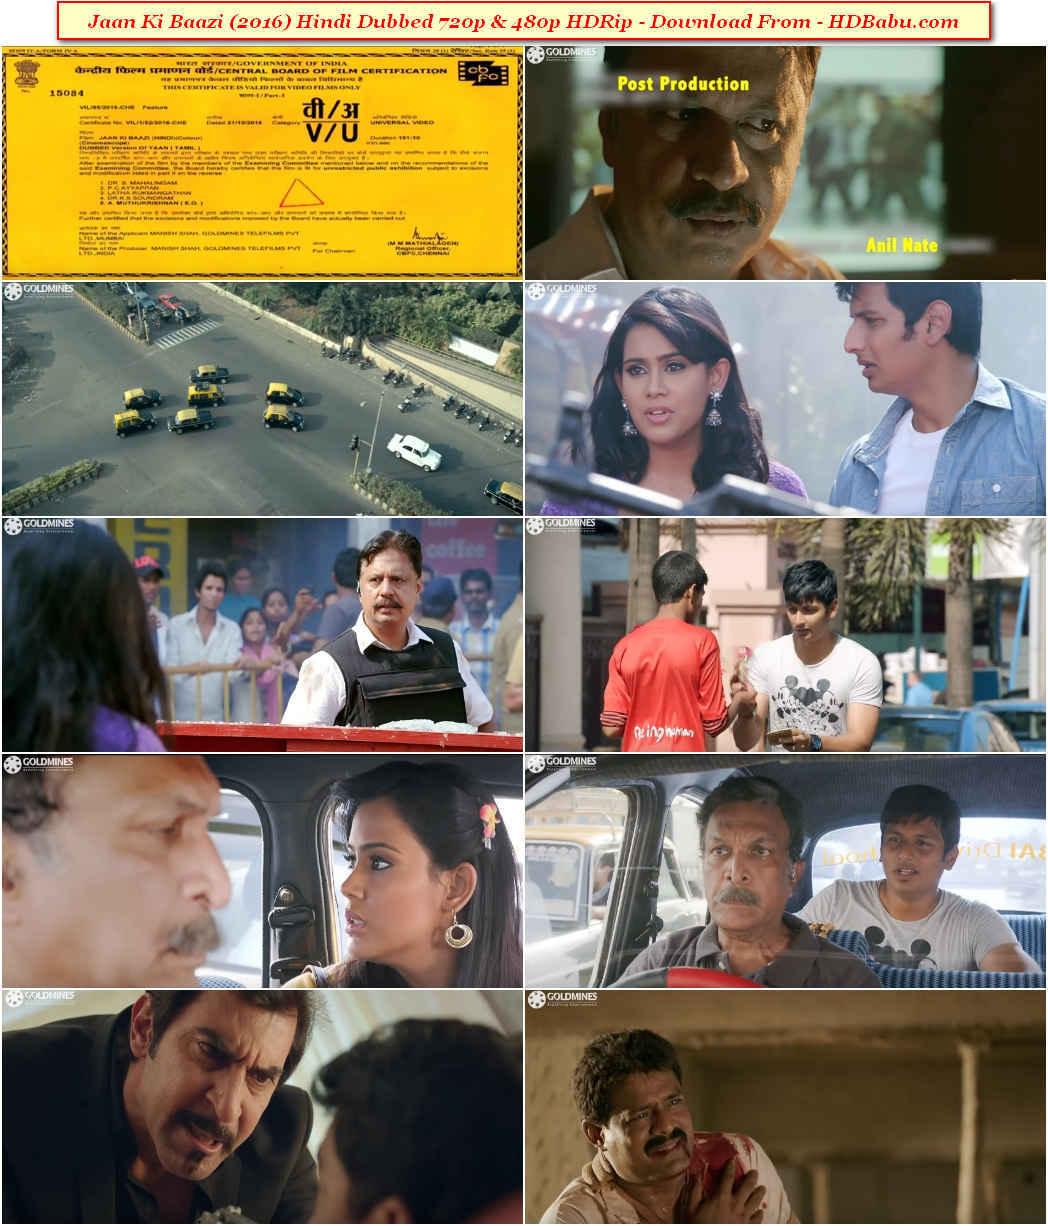 Jaan Ki Baazi Hindi Dubbed Movie Download